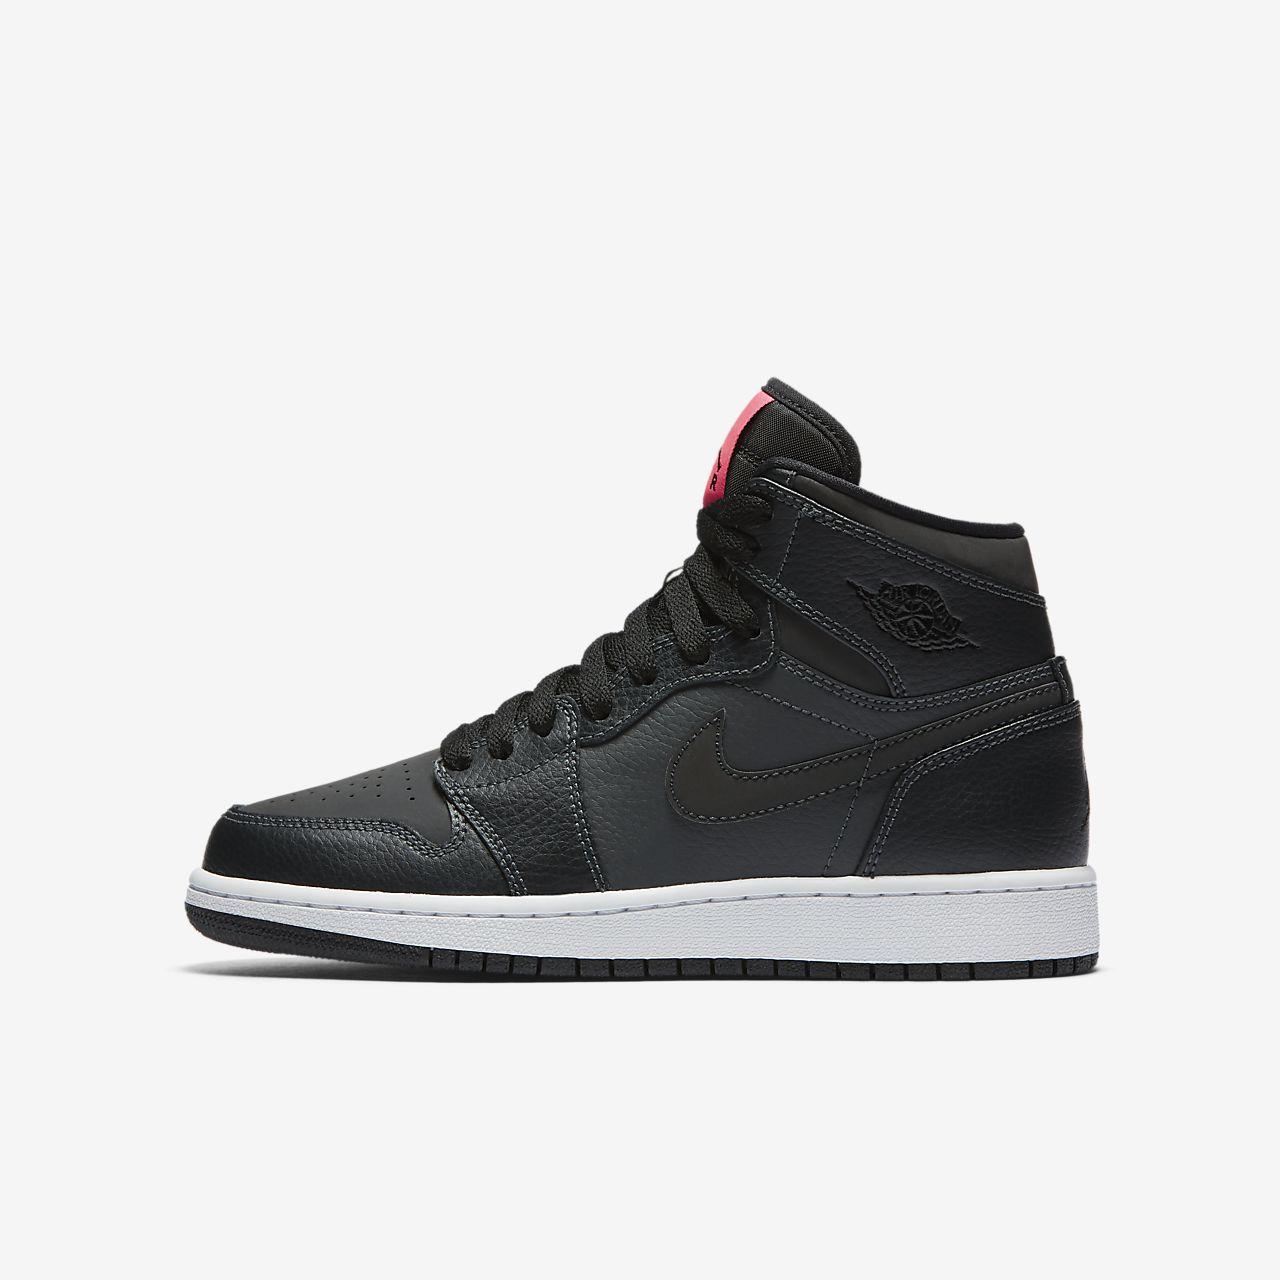 1c7355b81 ... shopping calzado para niños talla grande jordan retro 1 high cf357 385ca